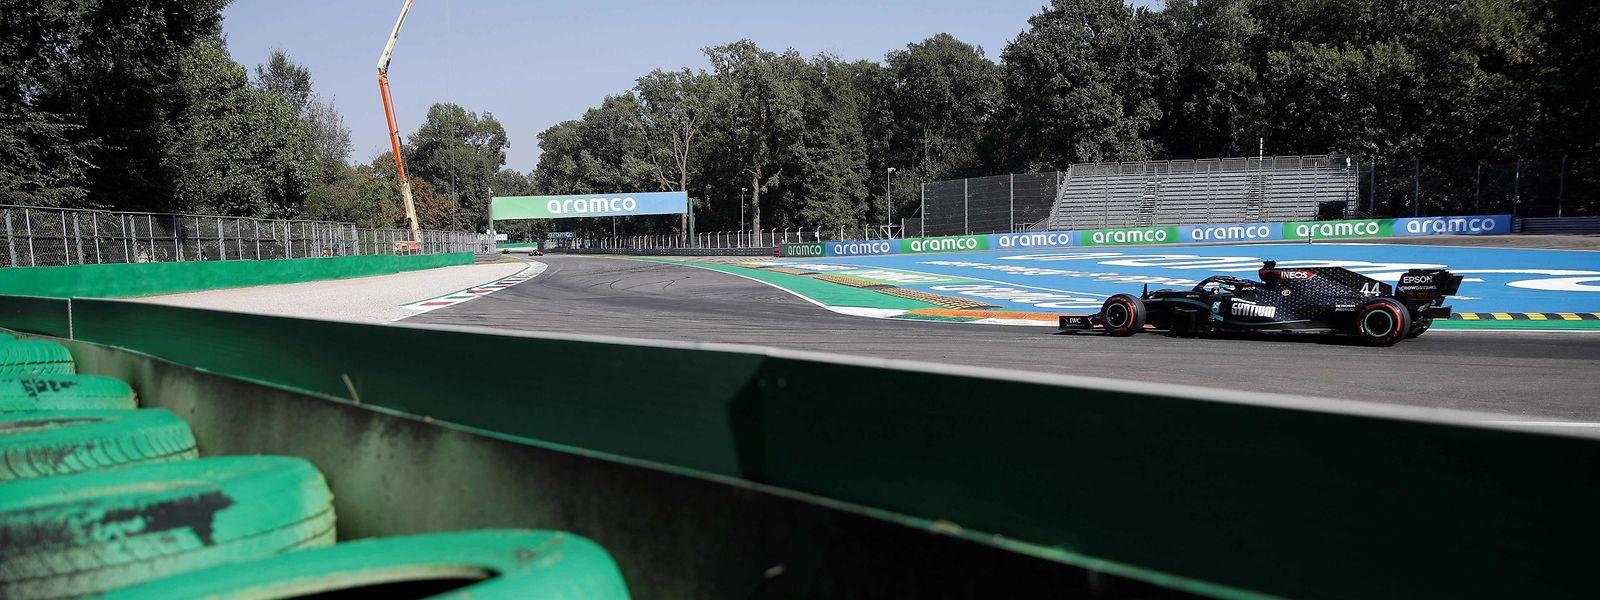 Der Brite, Louis Hamilton, sicherte sich im Qualifying am Samstag die Pole Position vor seinem Mercedes-Teamkollegen Valtteri Bottas (Finnland) und dem Spanier Carlos Sainz im McLaren-Renault.